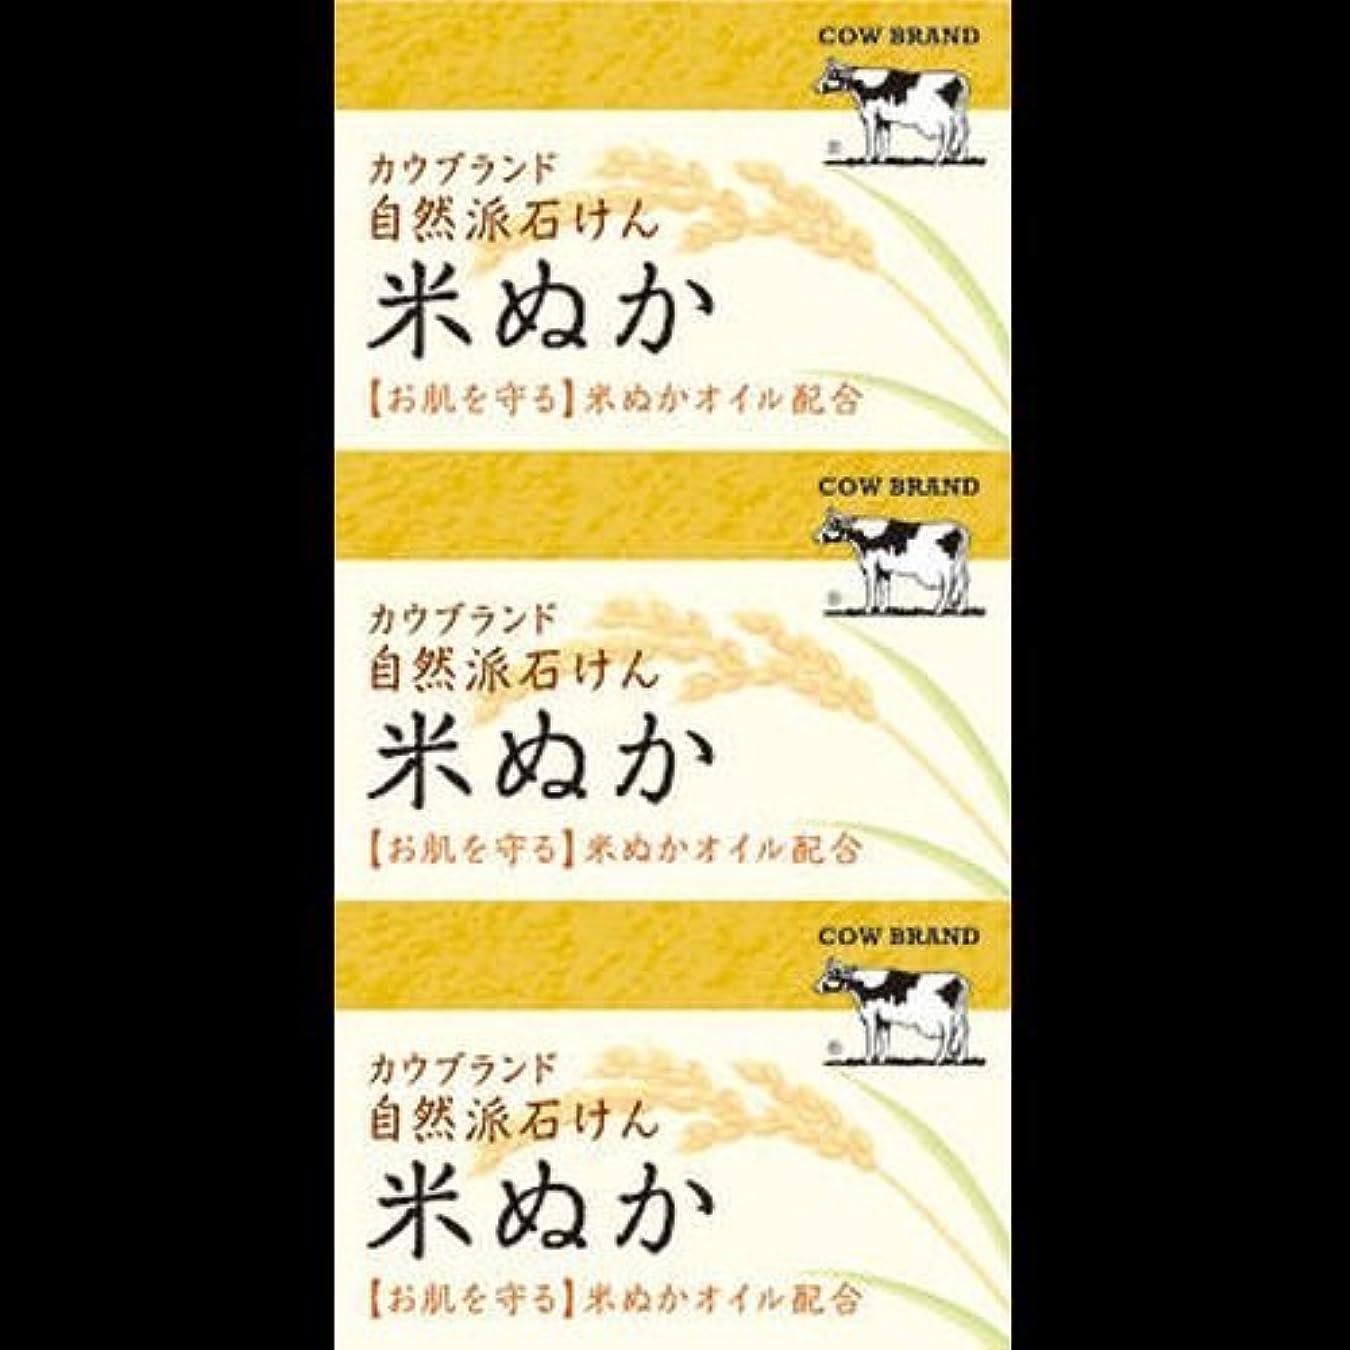 ロールデッド六月【まとめ買い】カウブランド 自然派石けん 米ぬか 100g*3個 ×2セット